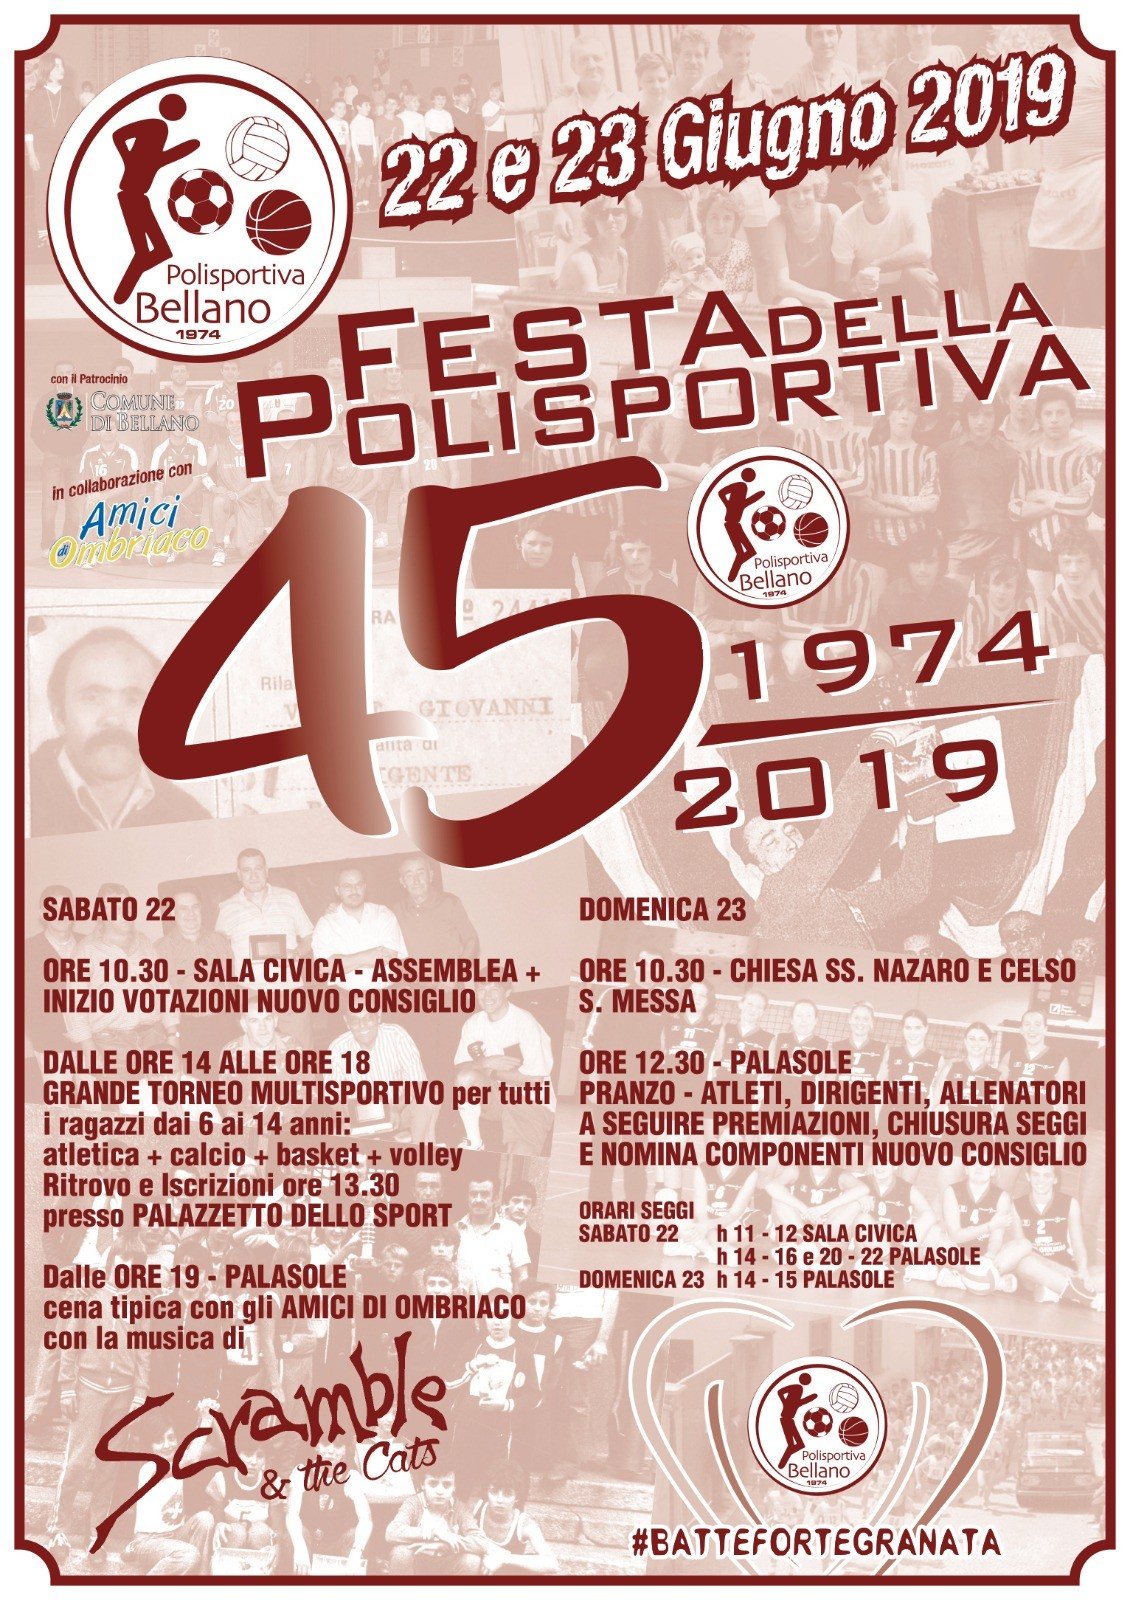 22-23 GIUGNO FESTA POLISPORTIVA BELLANO